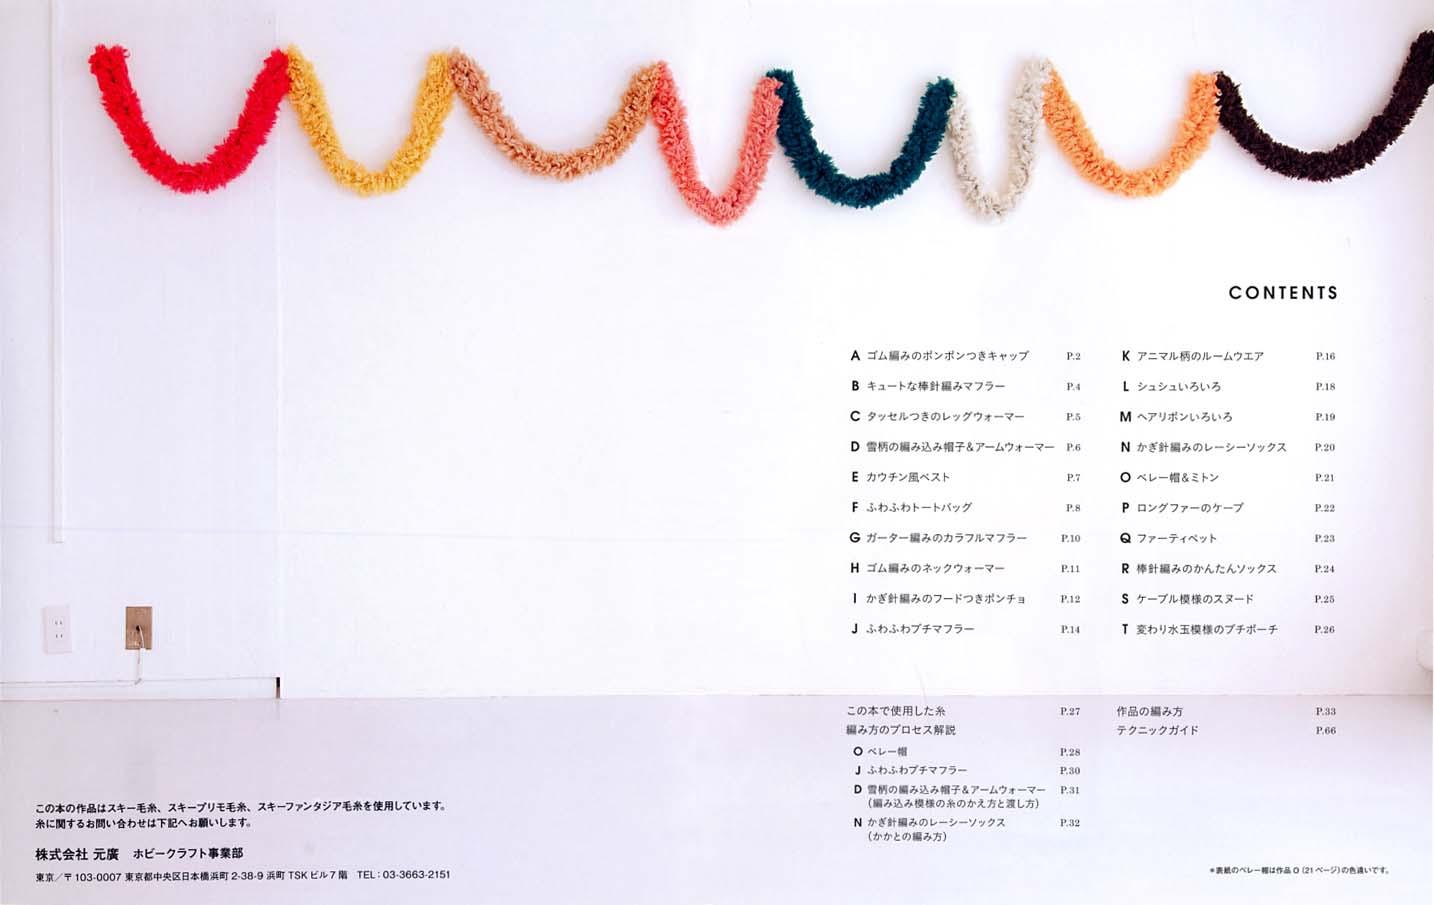 かわいい糸で編みもの_e0219061_13264765.jpg